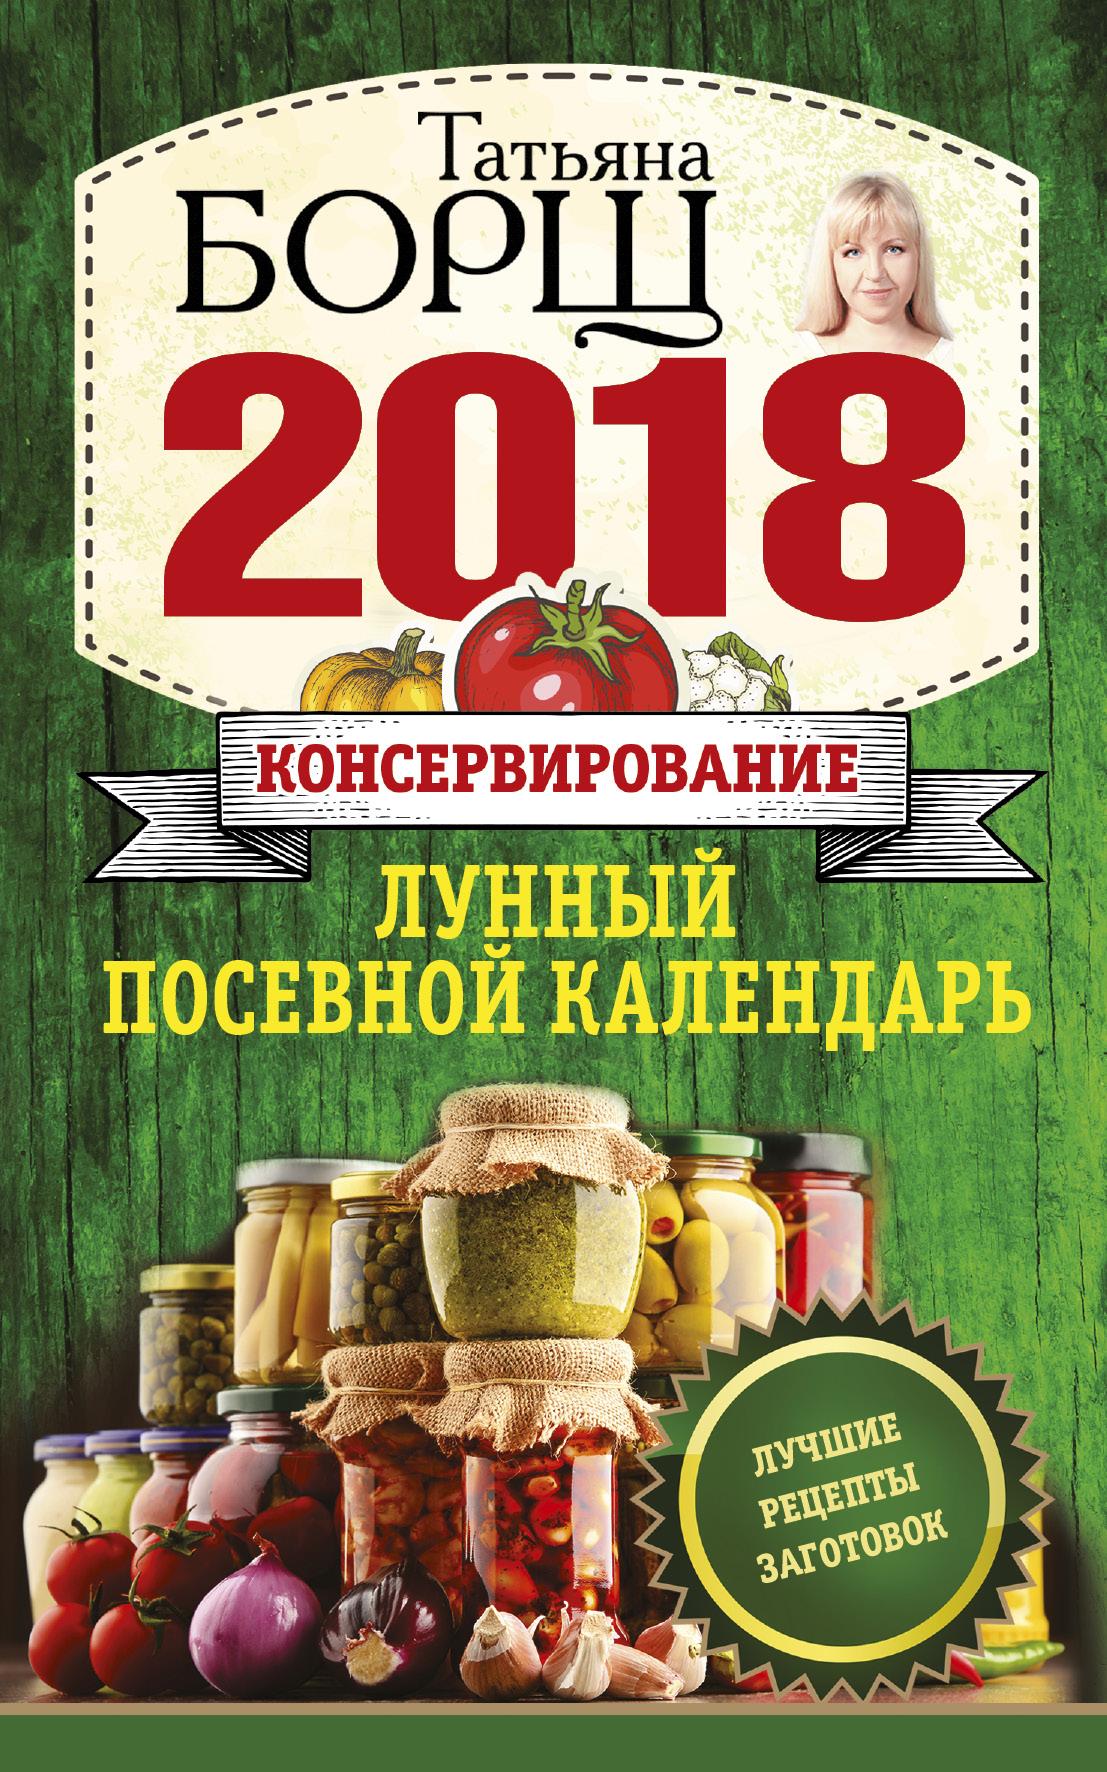 Консервирование. Лунный посевной календарь на 2018 год + лучшие рецепты заготовок ( Борщ Татьяна  )